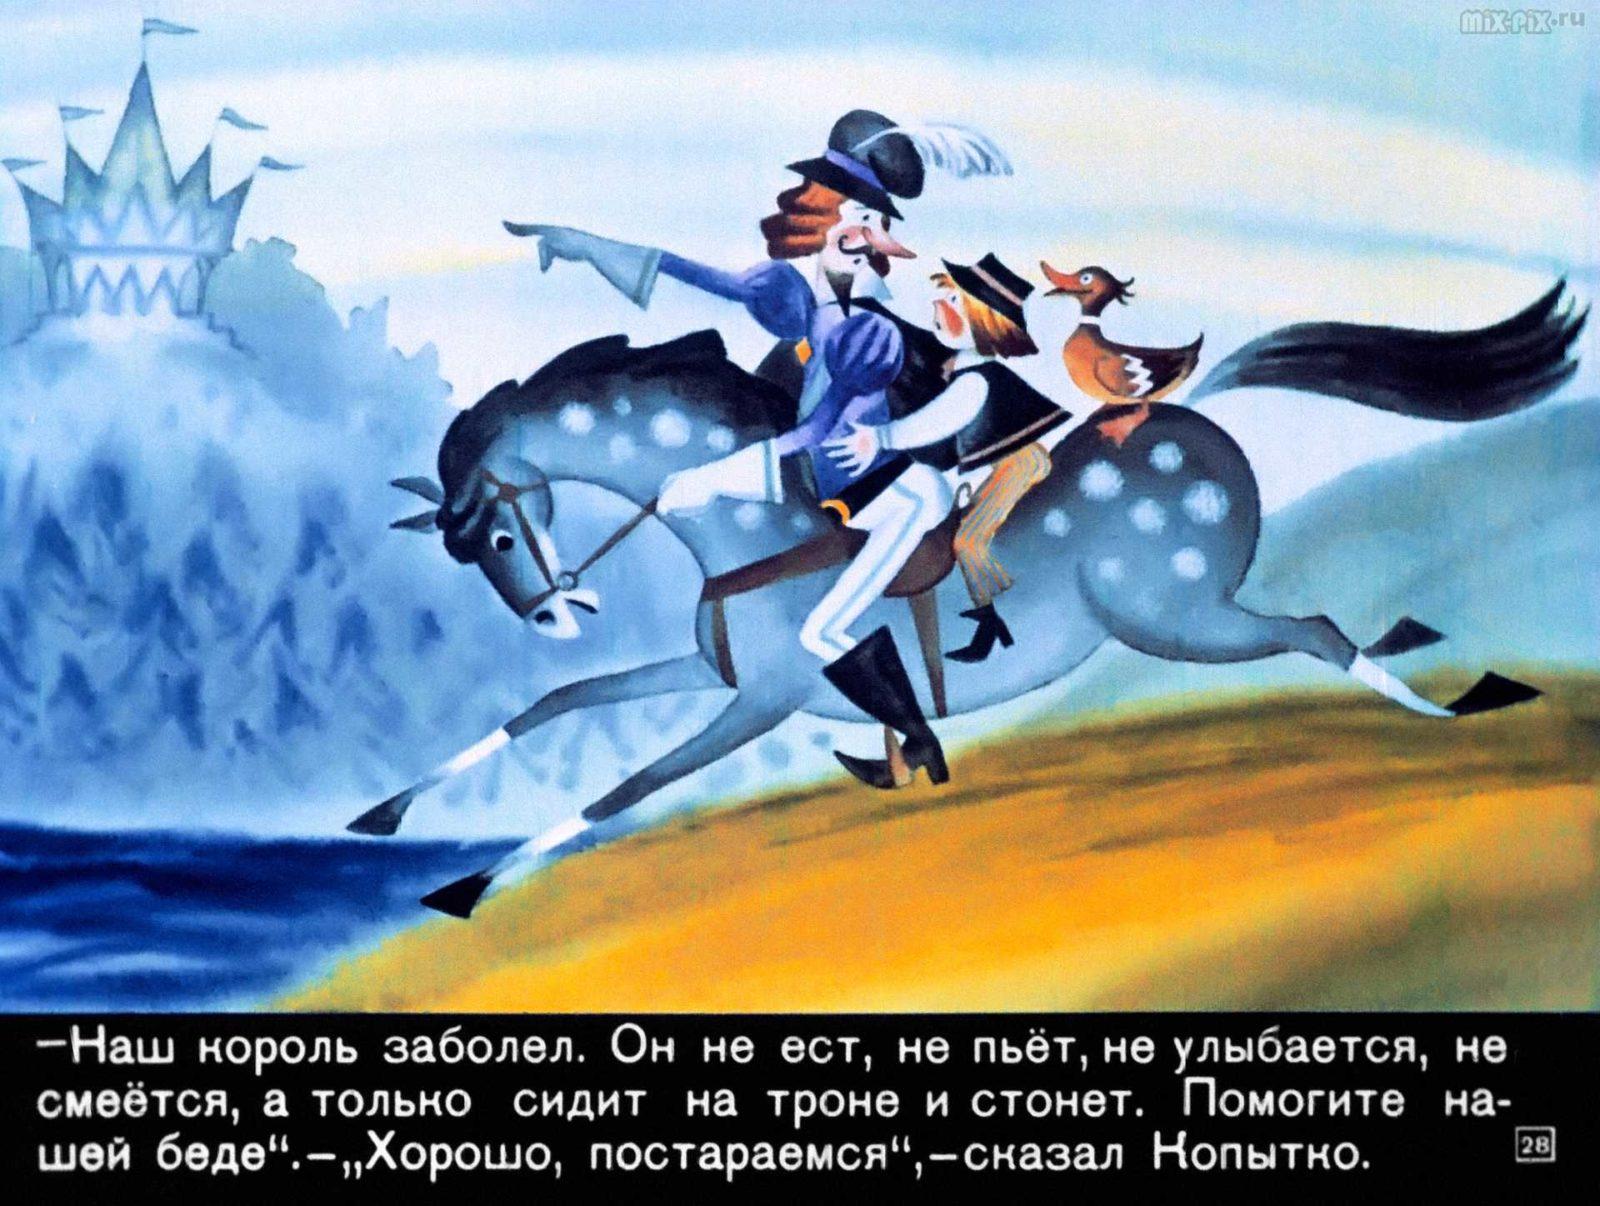 Сапожник Копытко и утка Кря (1972) 36